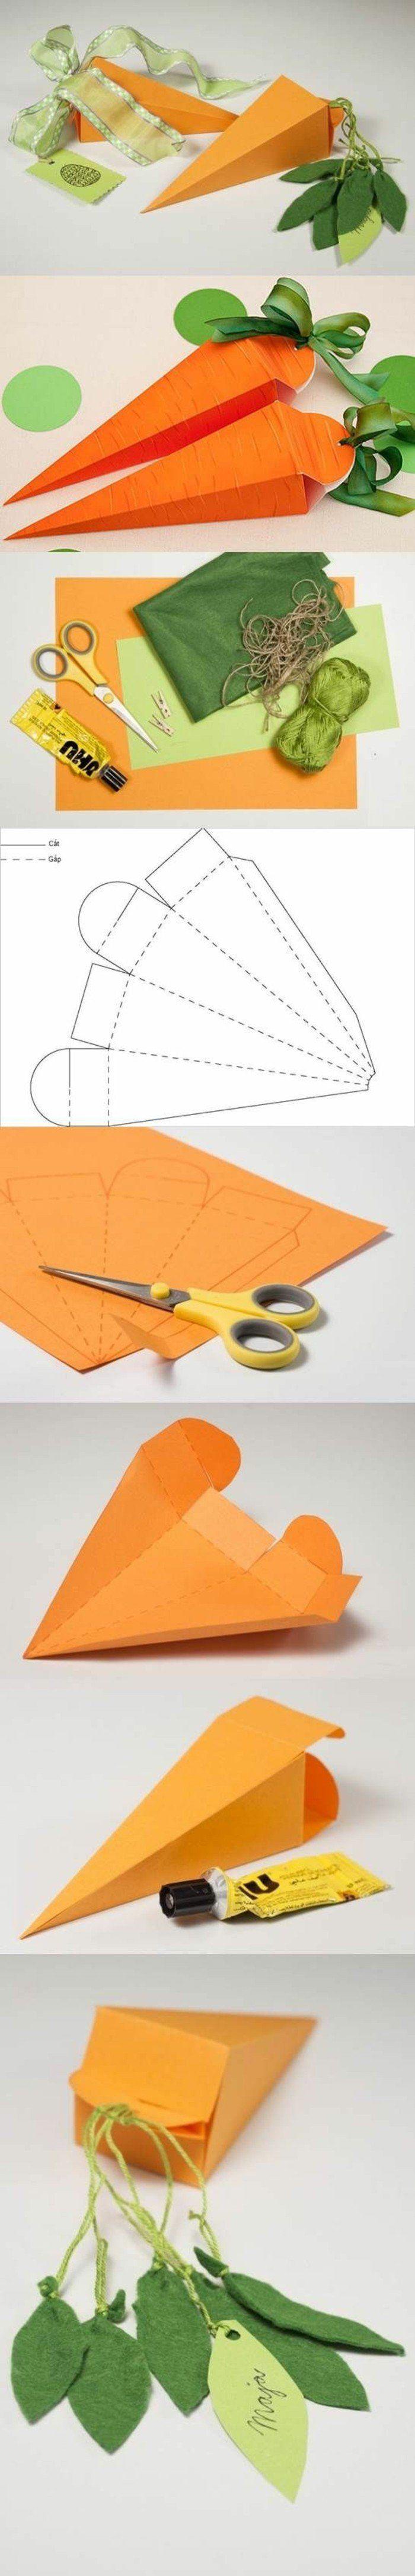 patron boite en papier pour fabriquer une boite origami, technique de pliage, boites en forme d une carotte, boite à cadeaux pour Pâques